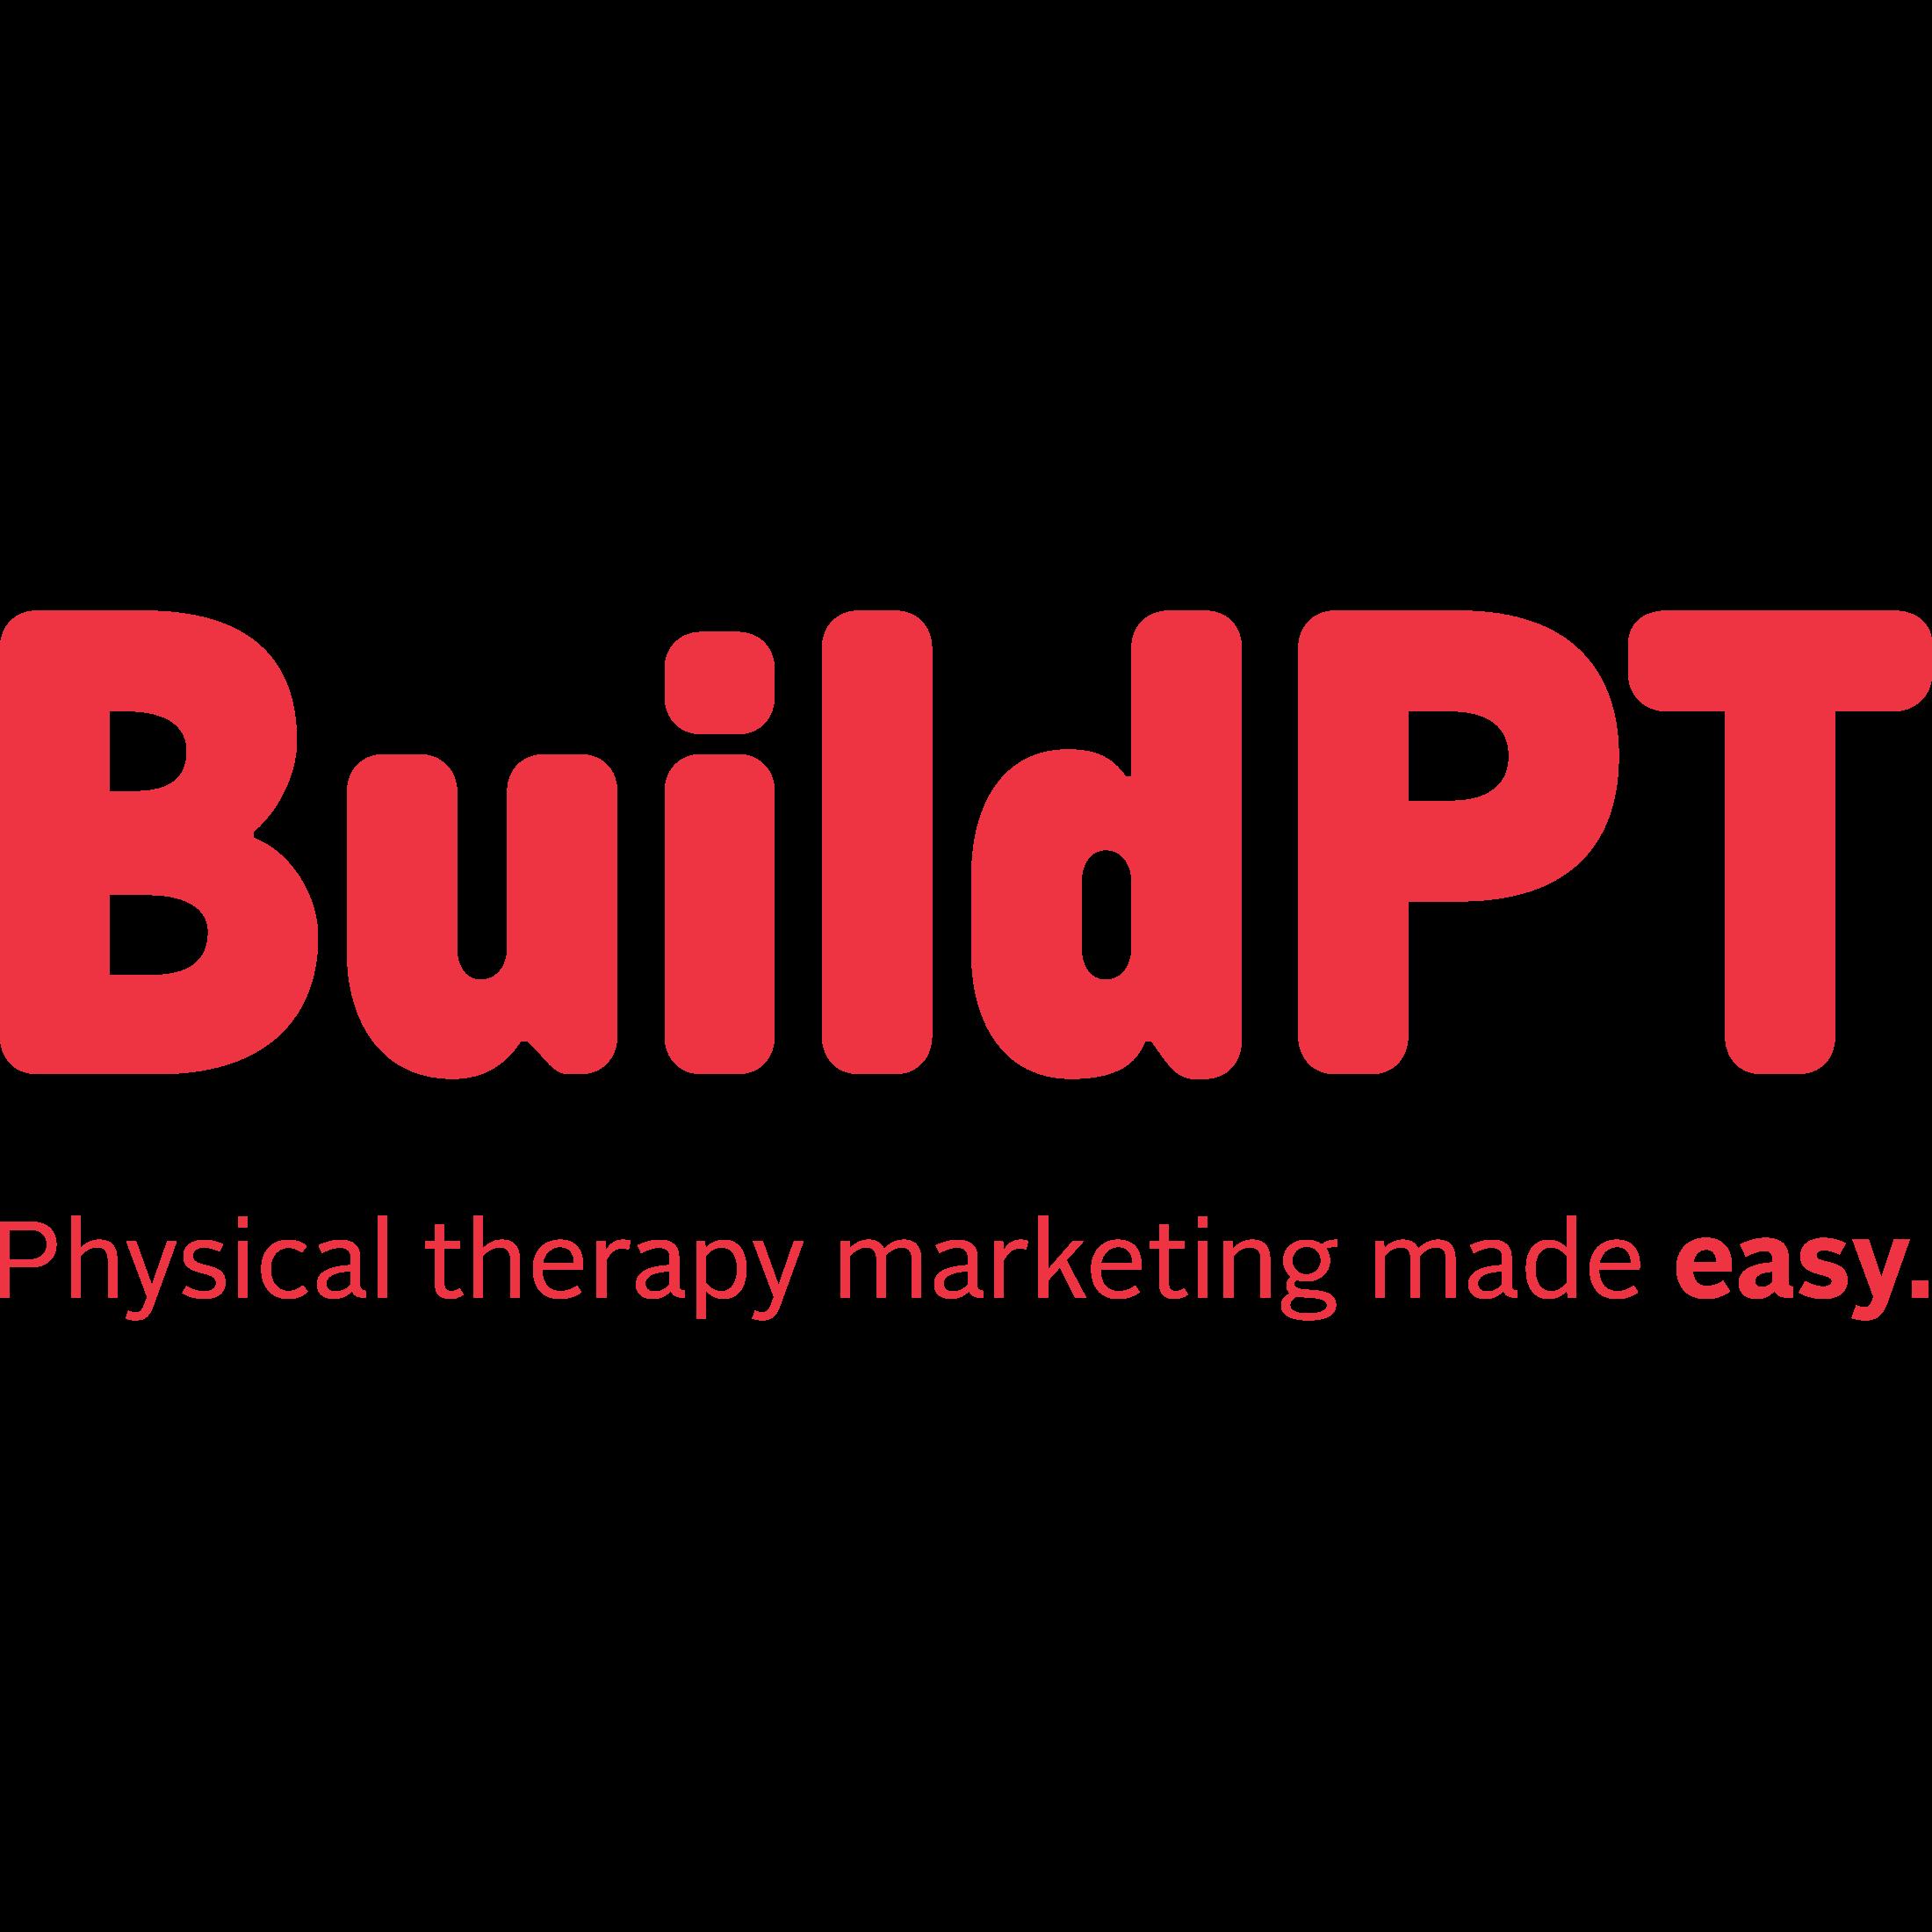 BuildPT